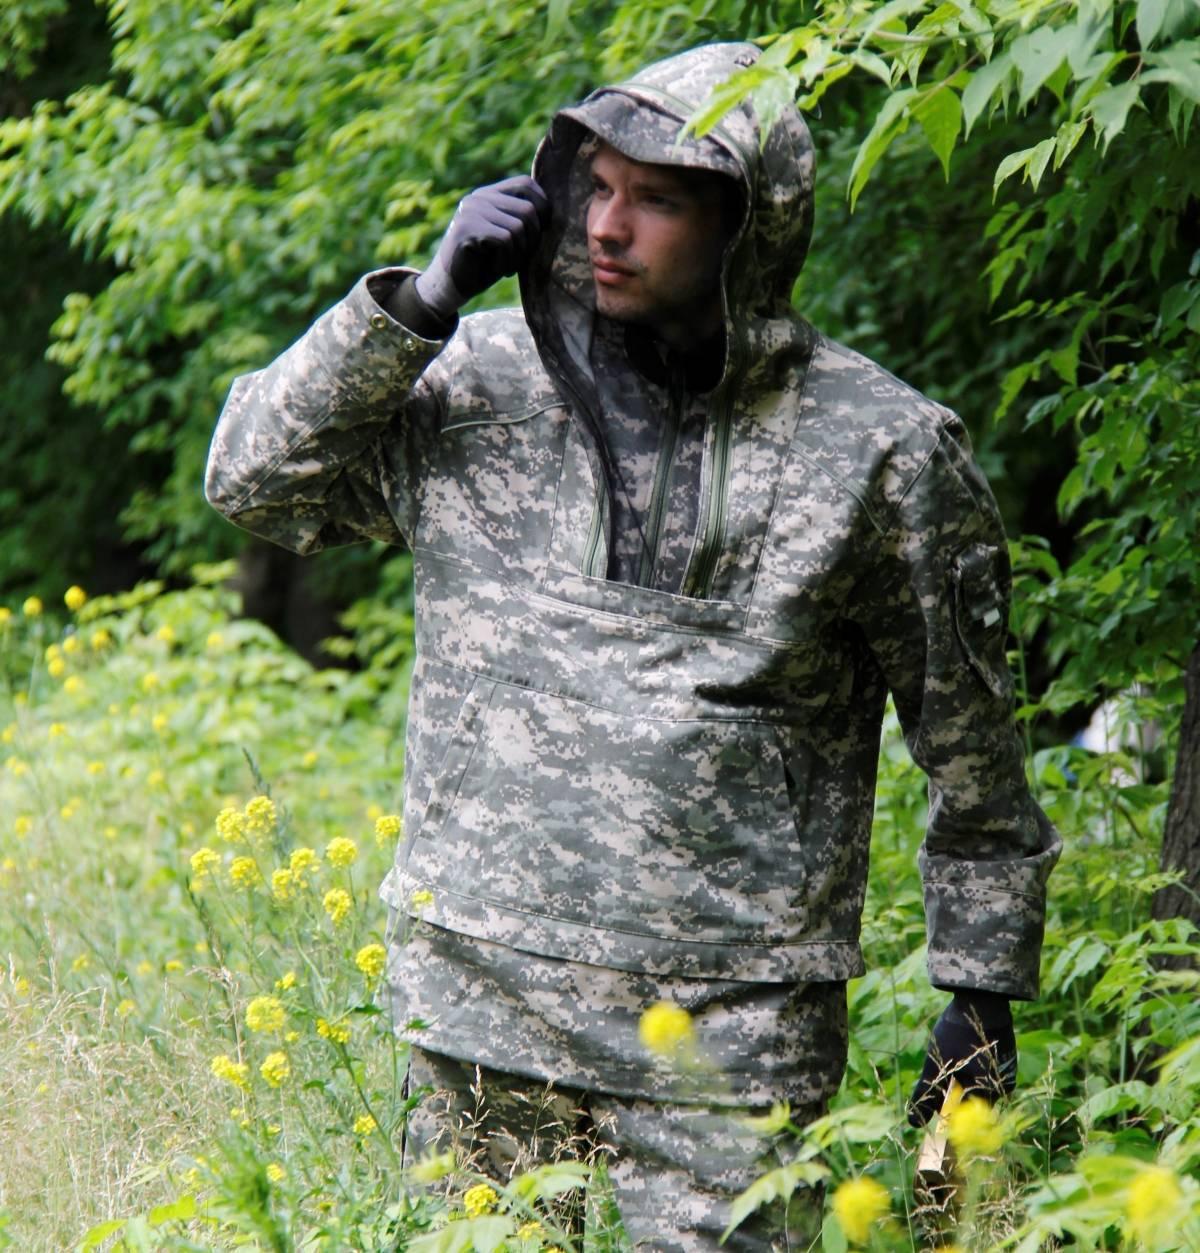 Одежда от клещей для человека: чем правильно обрабатывать вещи и как подобрать защитный костюм, обзор популярных моделей